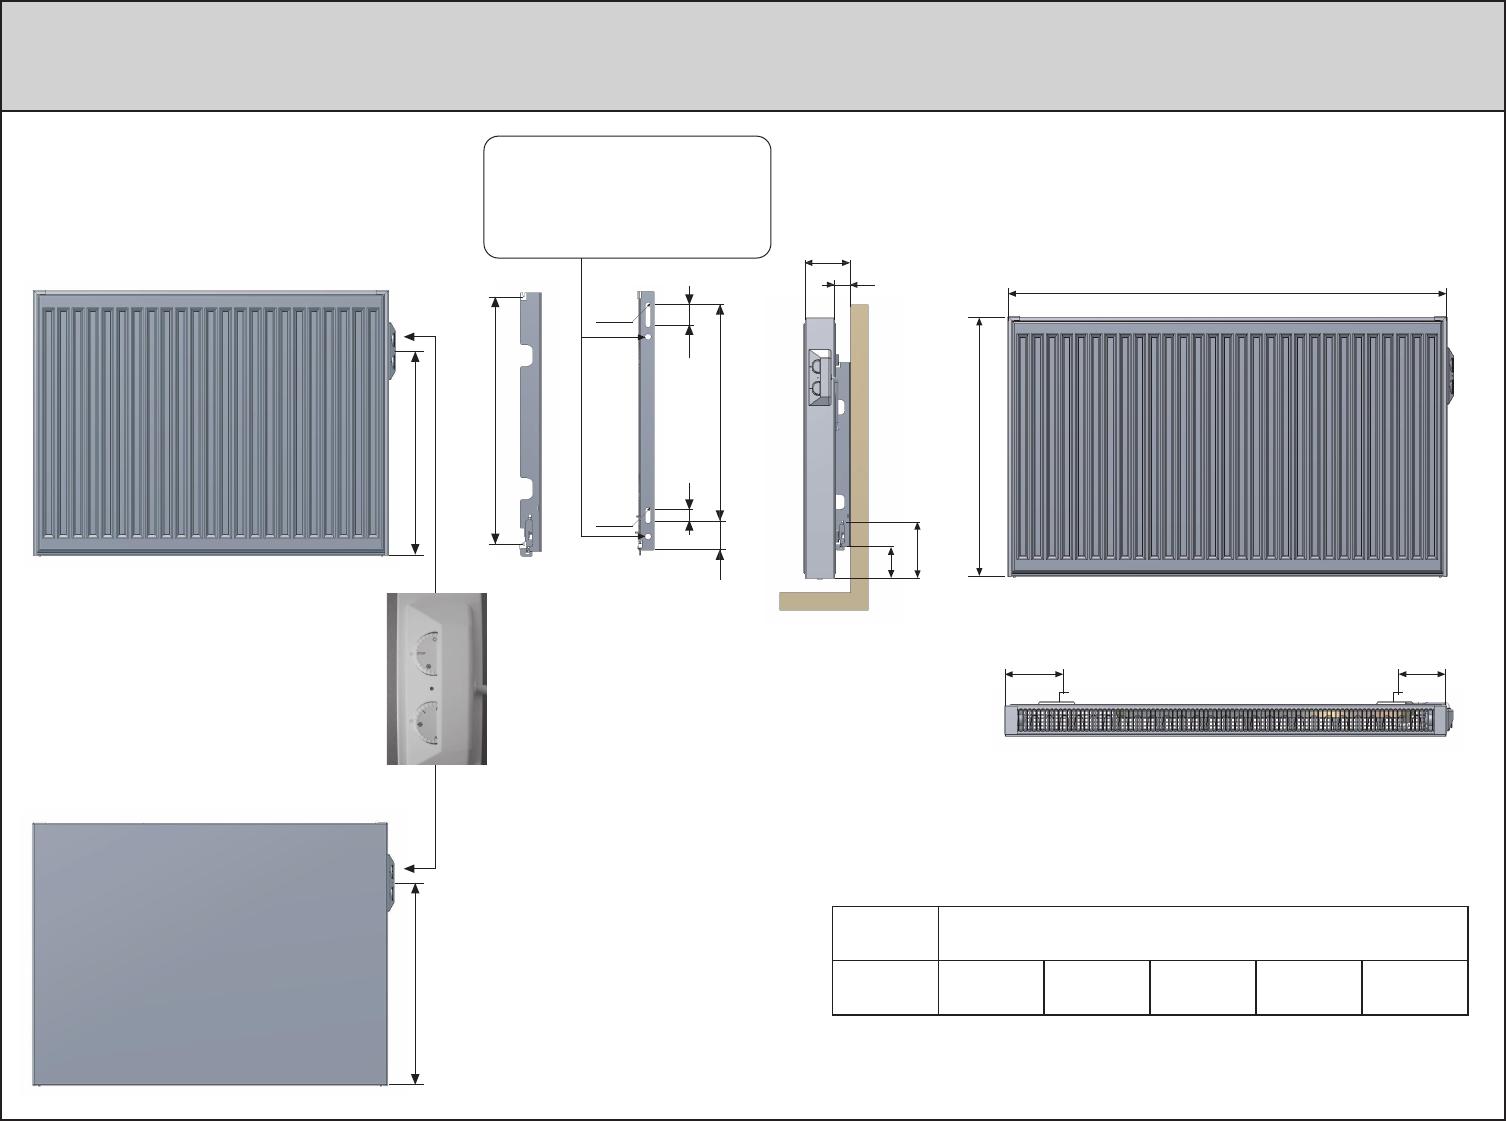 Full Size of Vasco Heizkörper Bedienungsanleitung E Panel Seite 1 Von 3 Deutsch Bad Für Elektroheizkörper Wohnzimmer Badezimmer Wohnzimmer Vasco Heizkörper